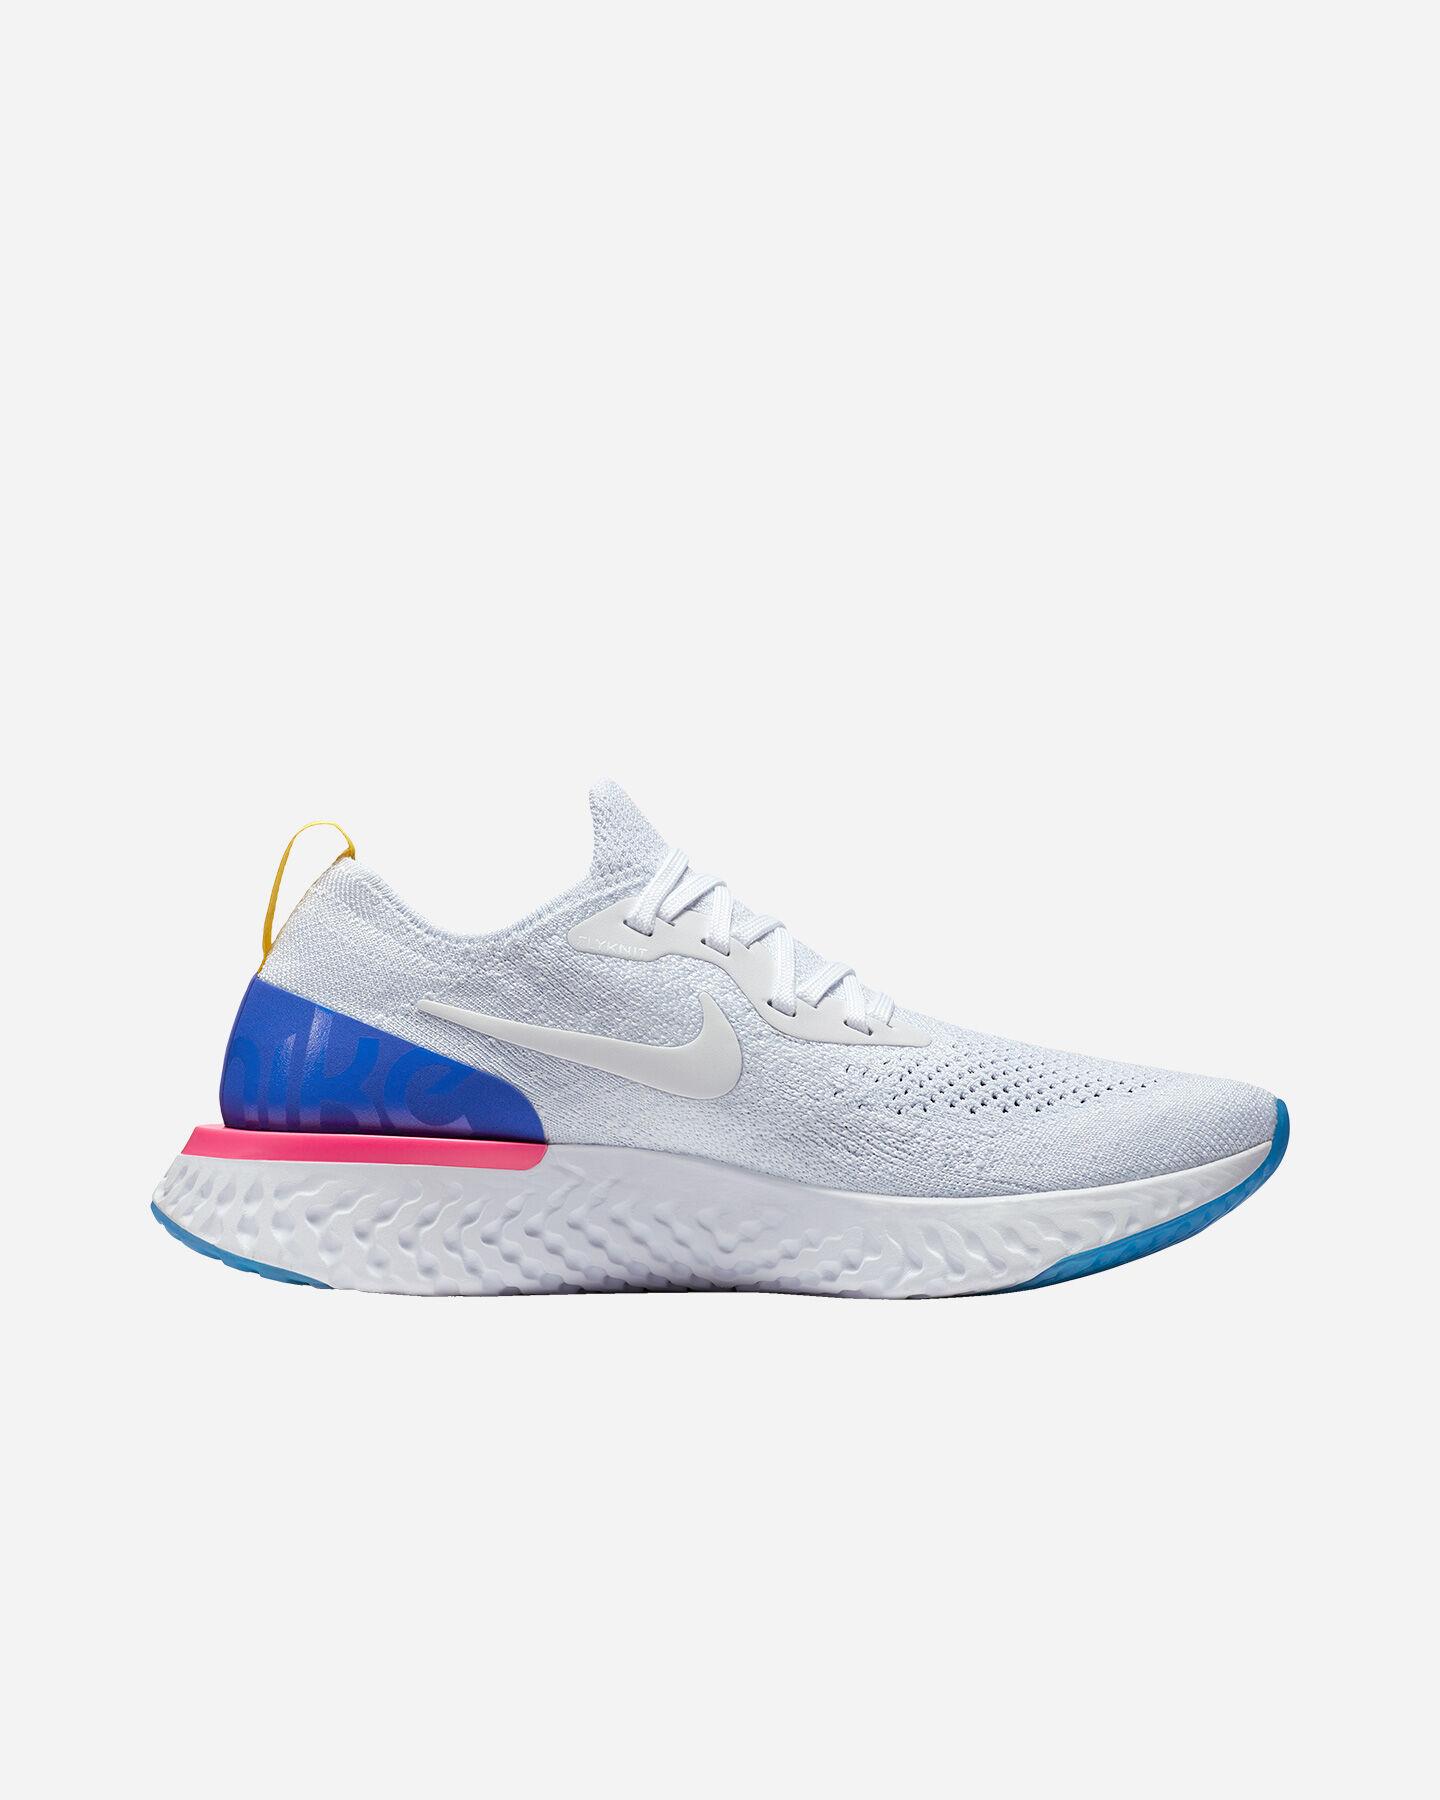 Sport Qxzfnz Nike Pomp Scarpe Xwxtfoxzq Longoni Propinquity xBtBw6